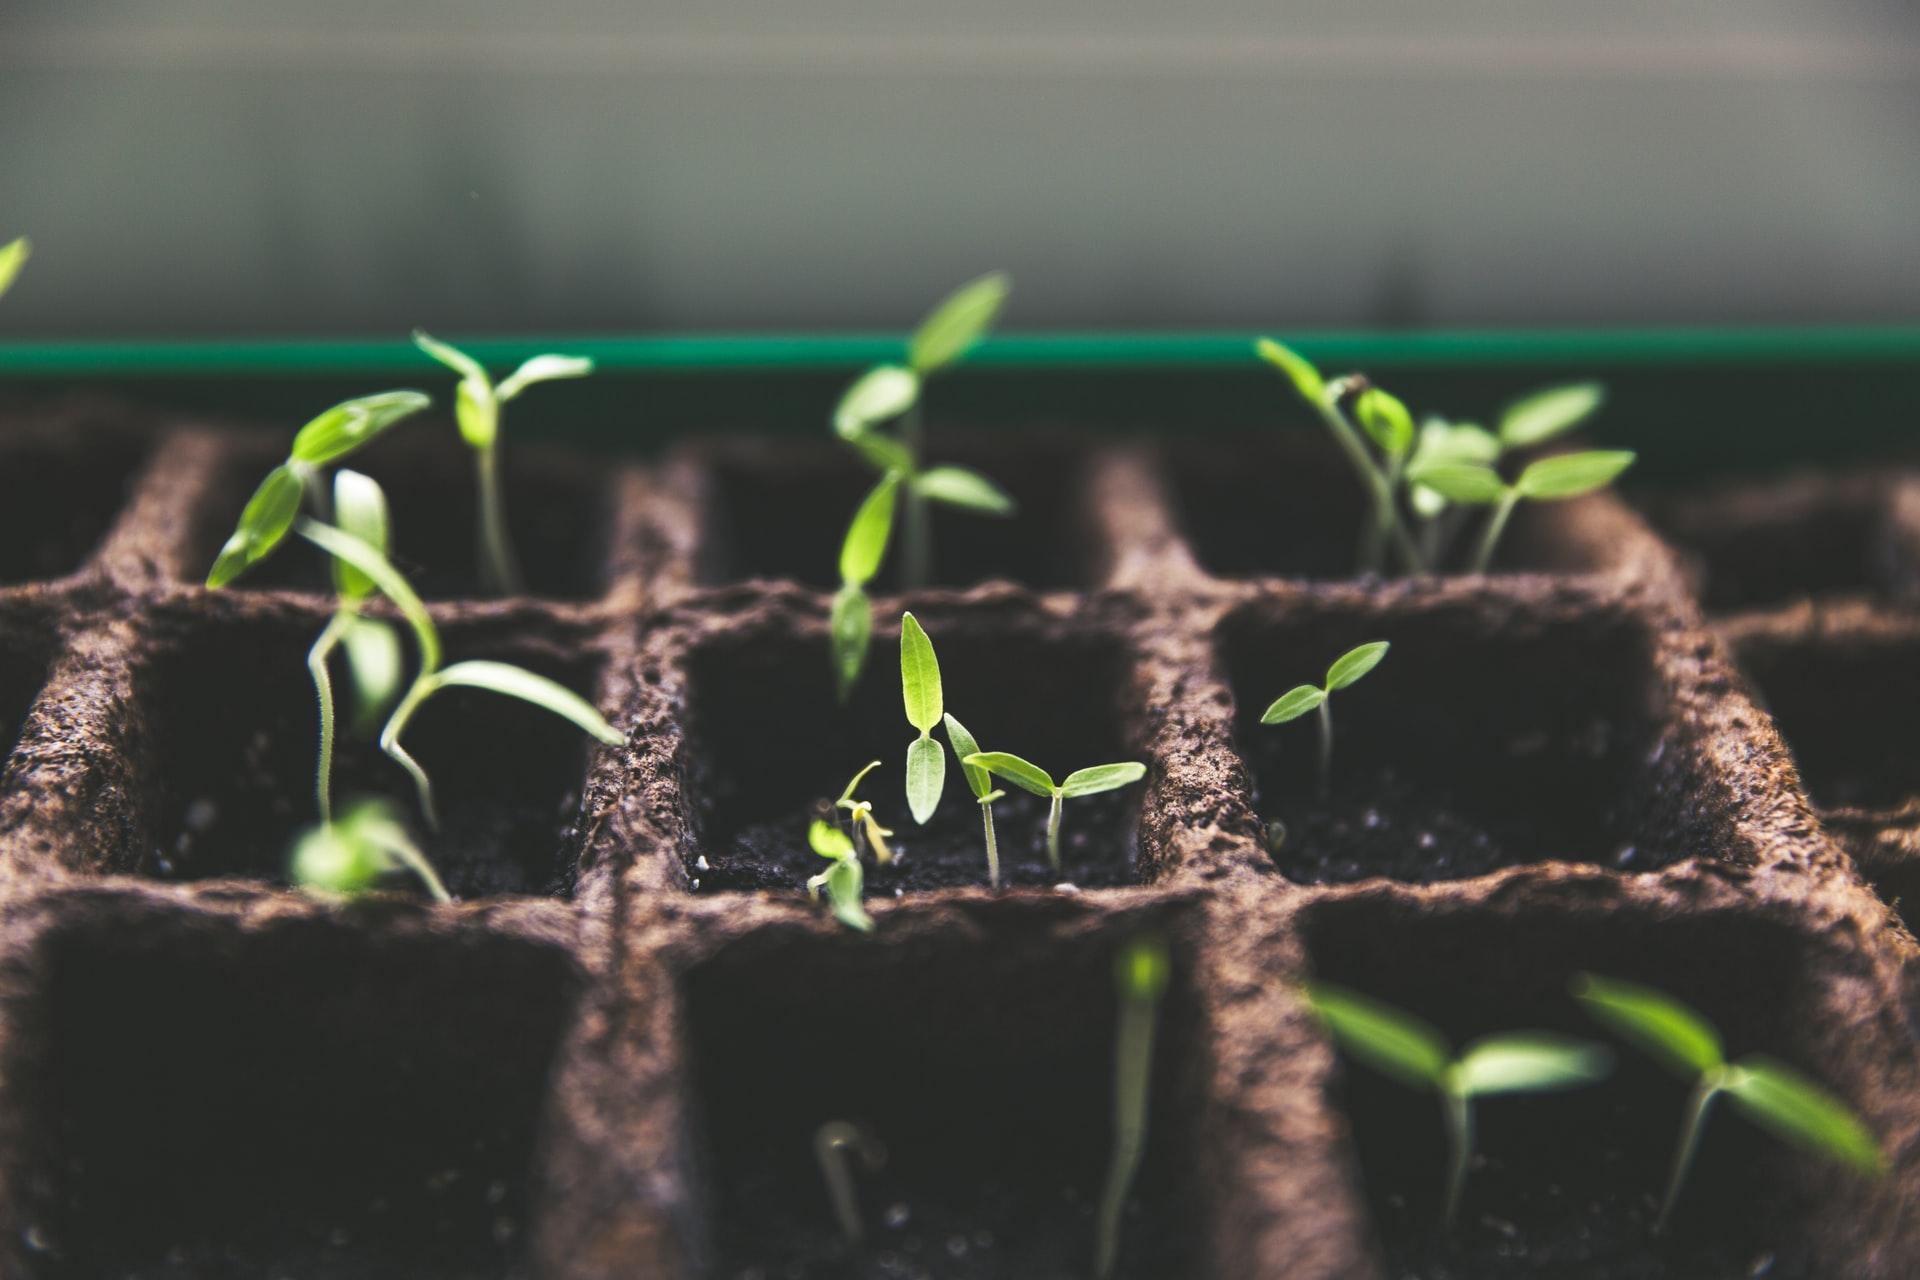 Image de plantes qui poussent